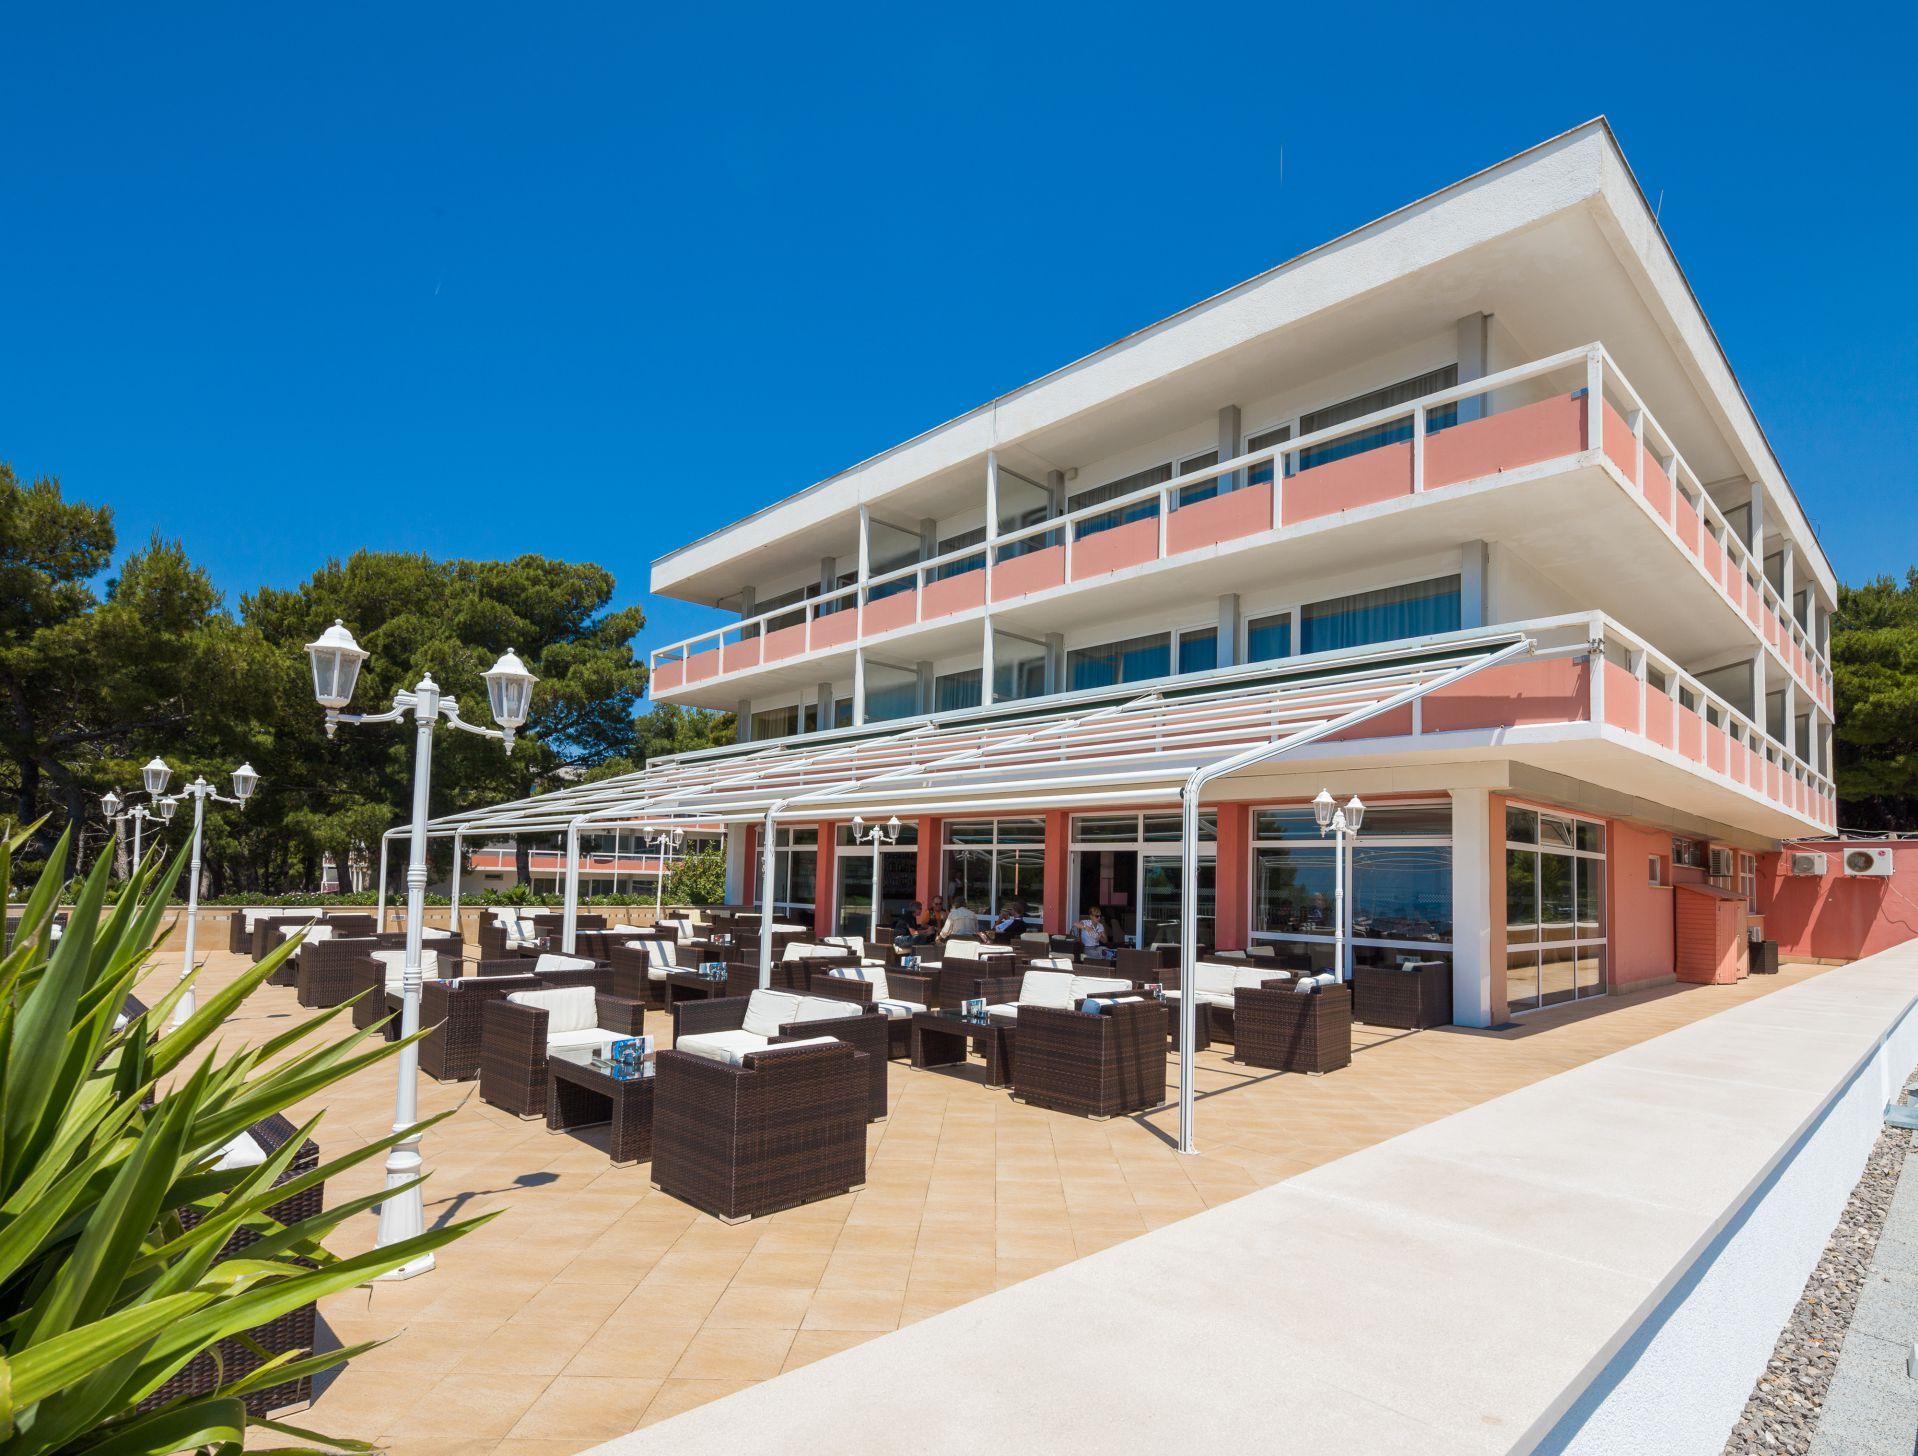 aperitif bar 09 14639172477 o - Zora Hotel